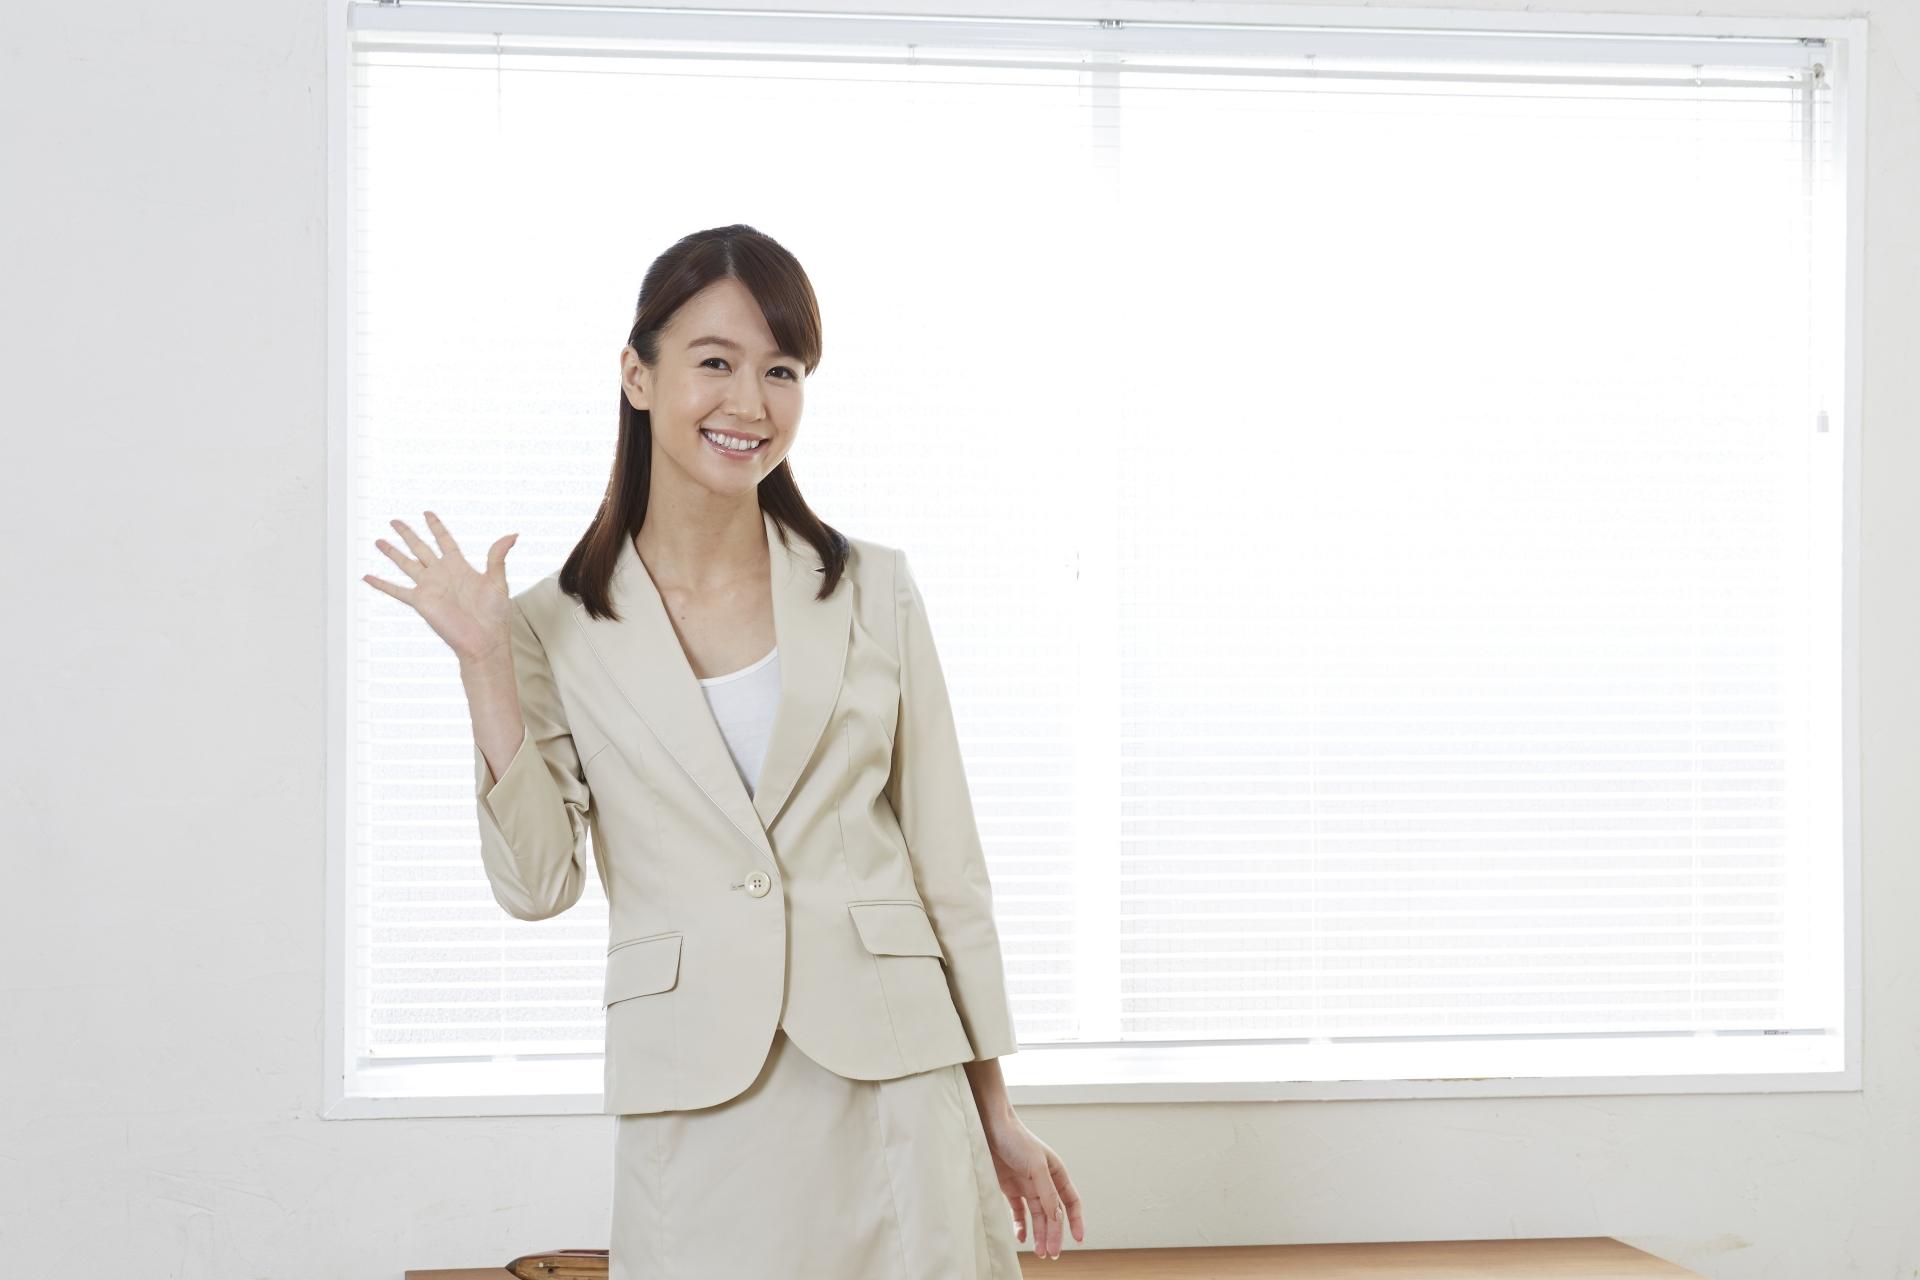 職場で嫌われた時の考えられる原因と対処法について